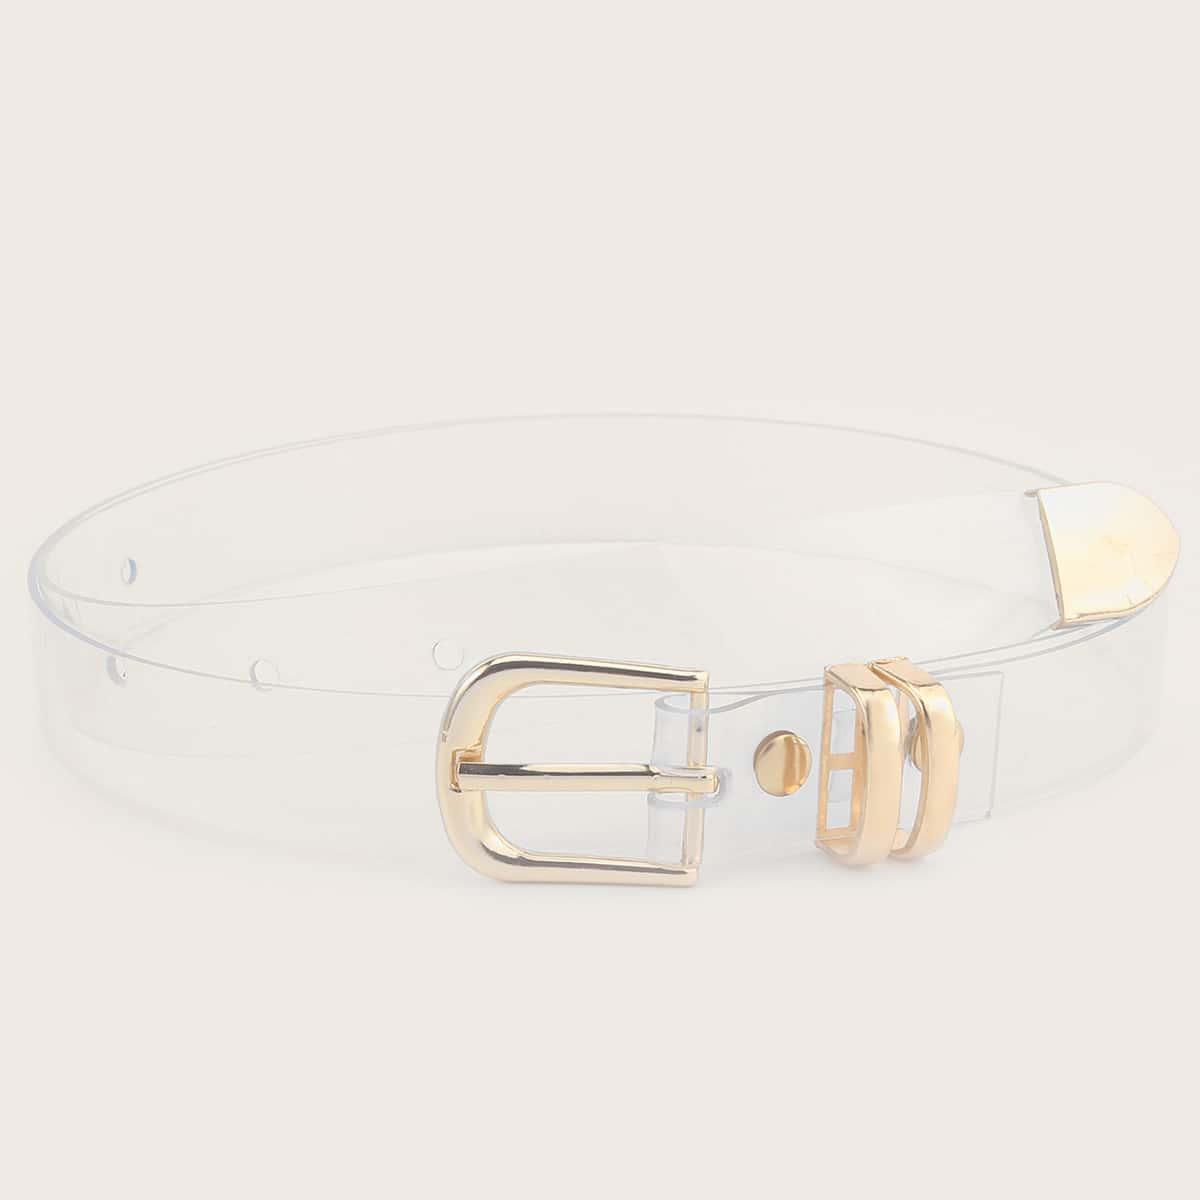 SHEIN / Transparenter Gürtel mit Metallschnalle